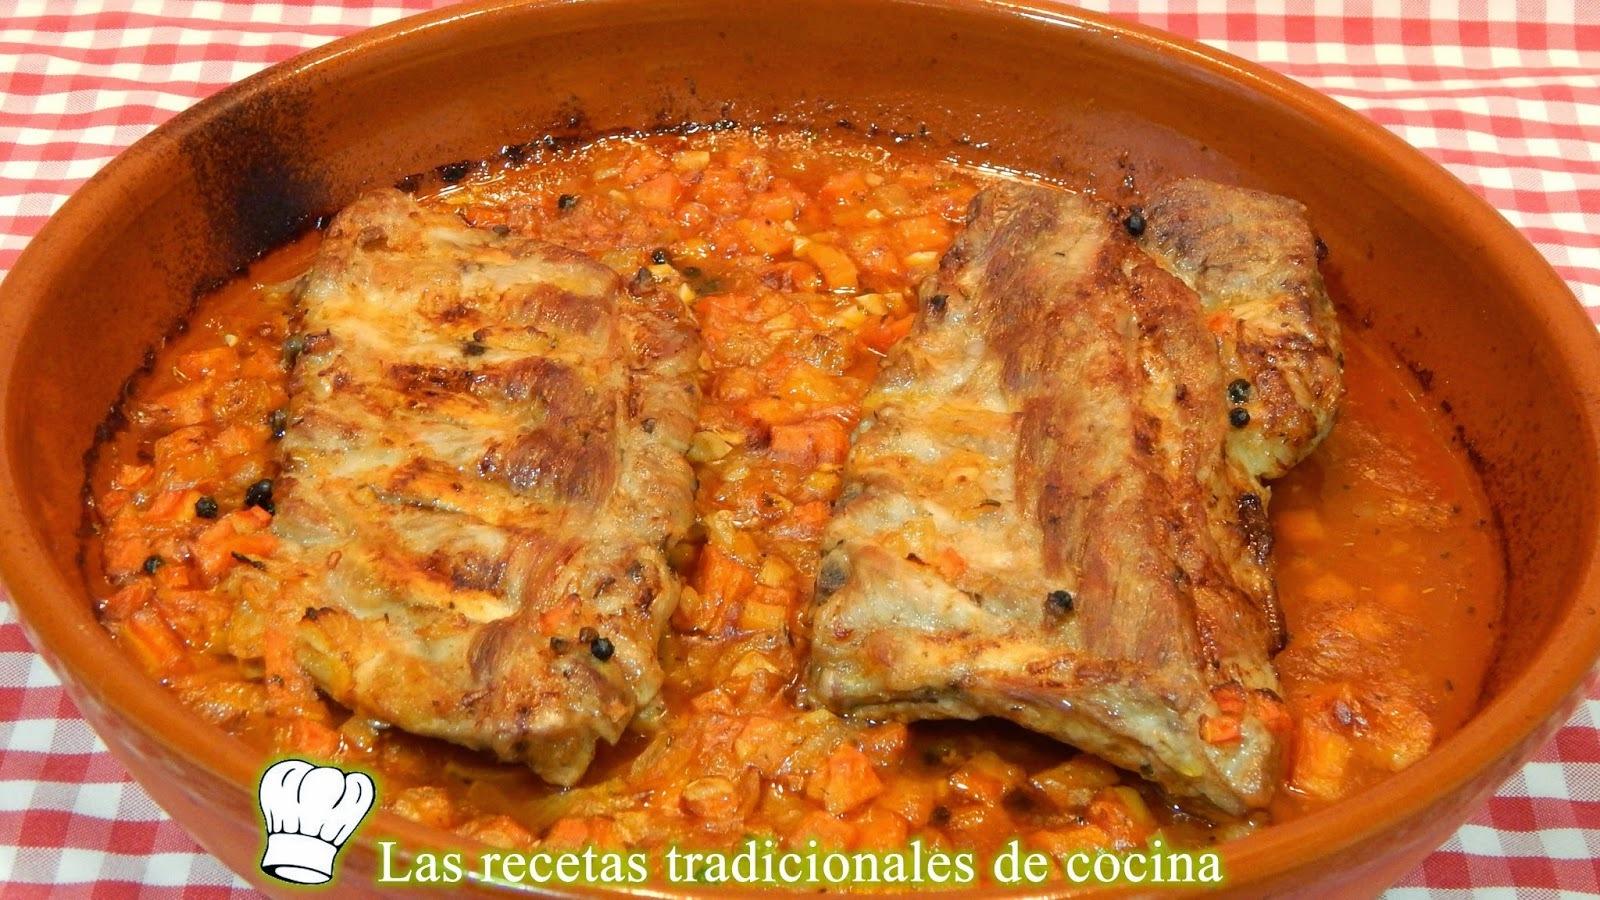 Receta de costillas de cerdo en salsa al horno